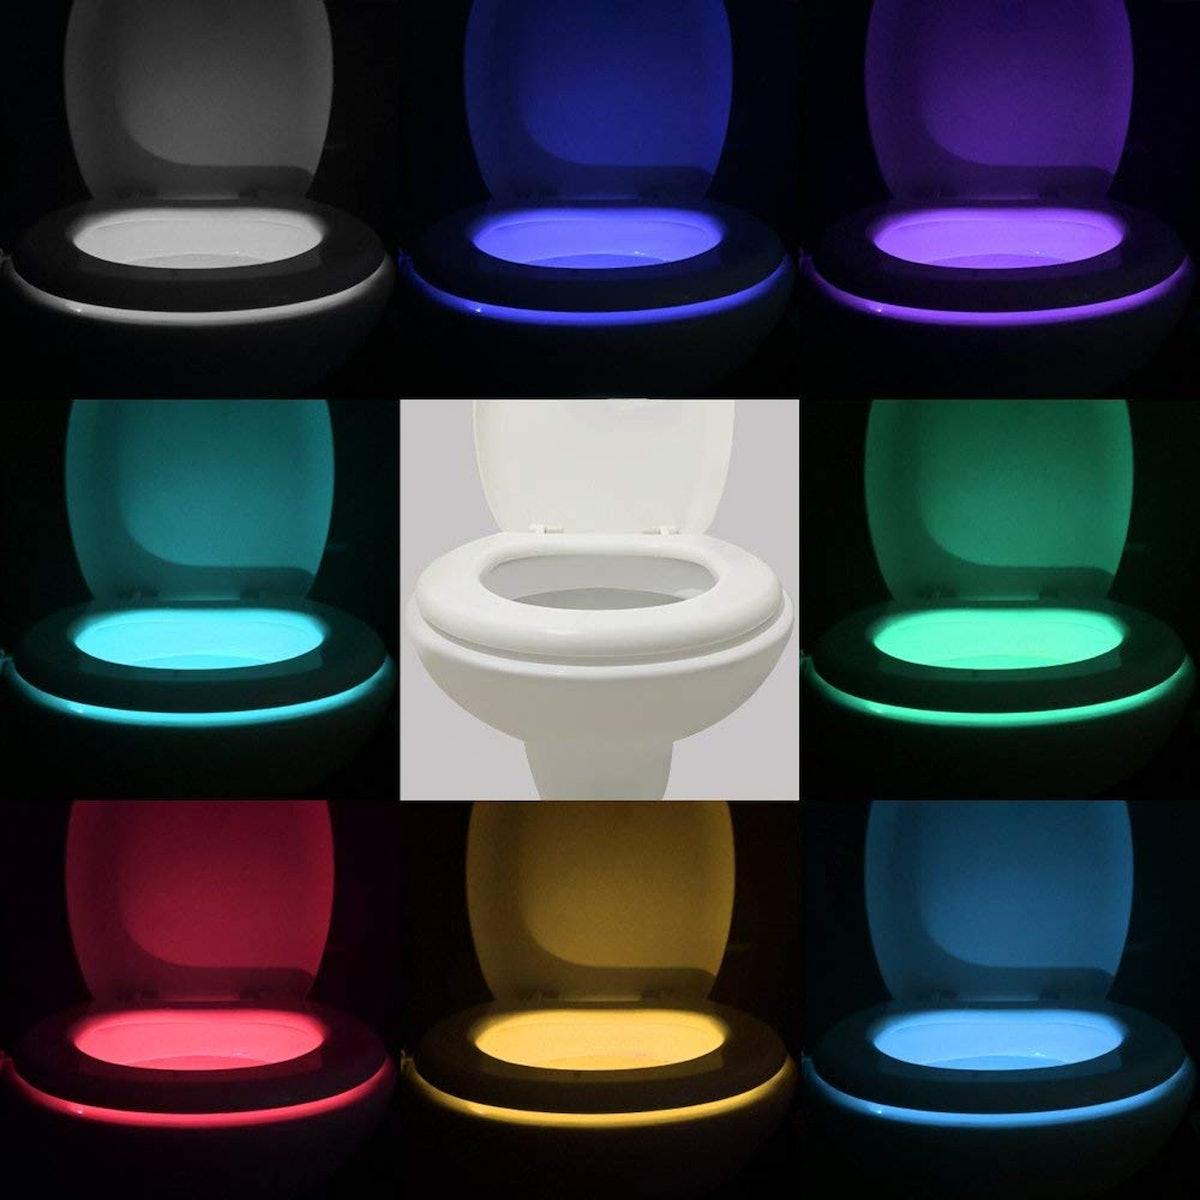 Vintar Motion Sensor LED Toilet Night Light (2-Pack)